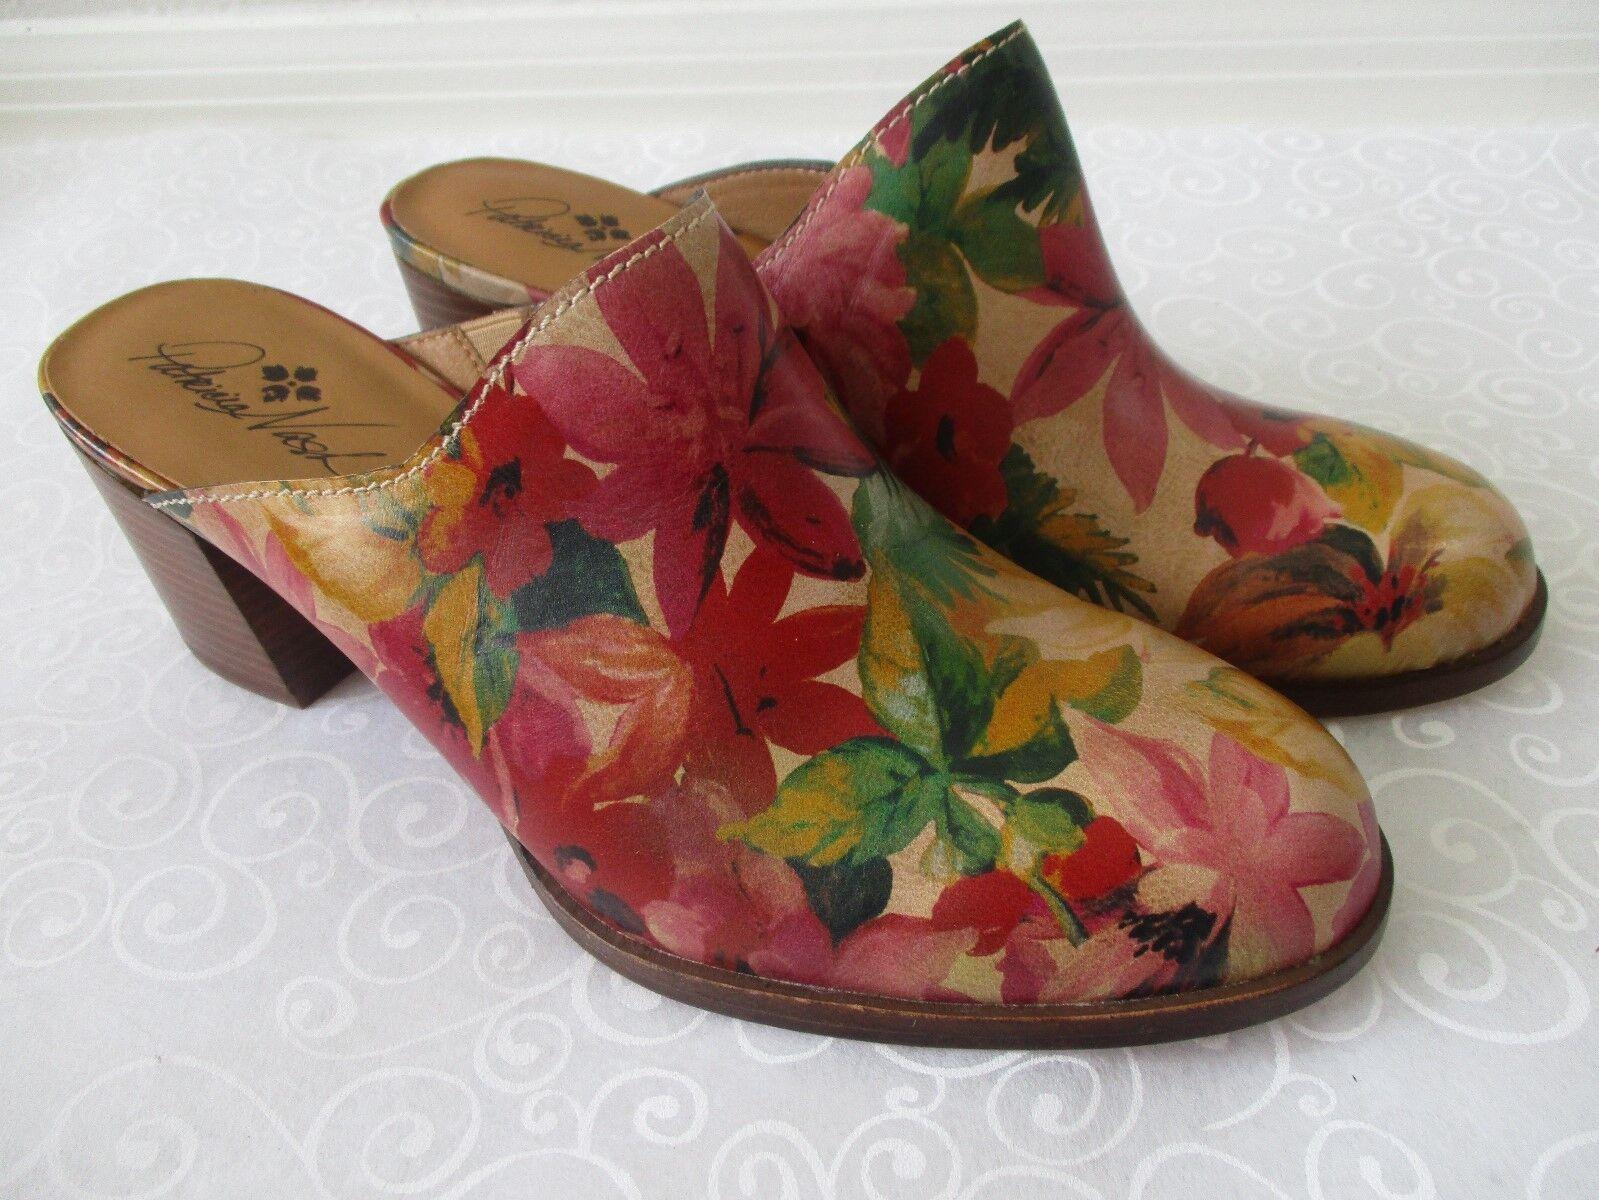 lo stile classico PATRICIA NASH LEATHER MULTI-colore FLORAL DESIGN MULE scarpe Dimensione 11 11 11 - NEW  ecco l'ultimo